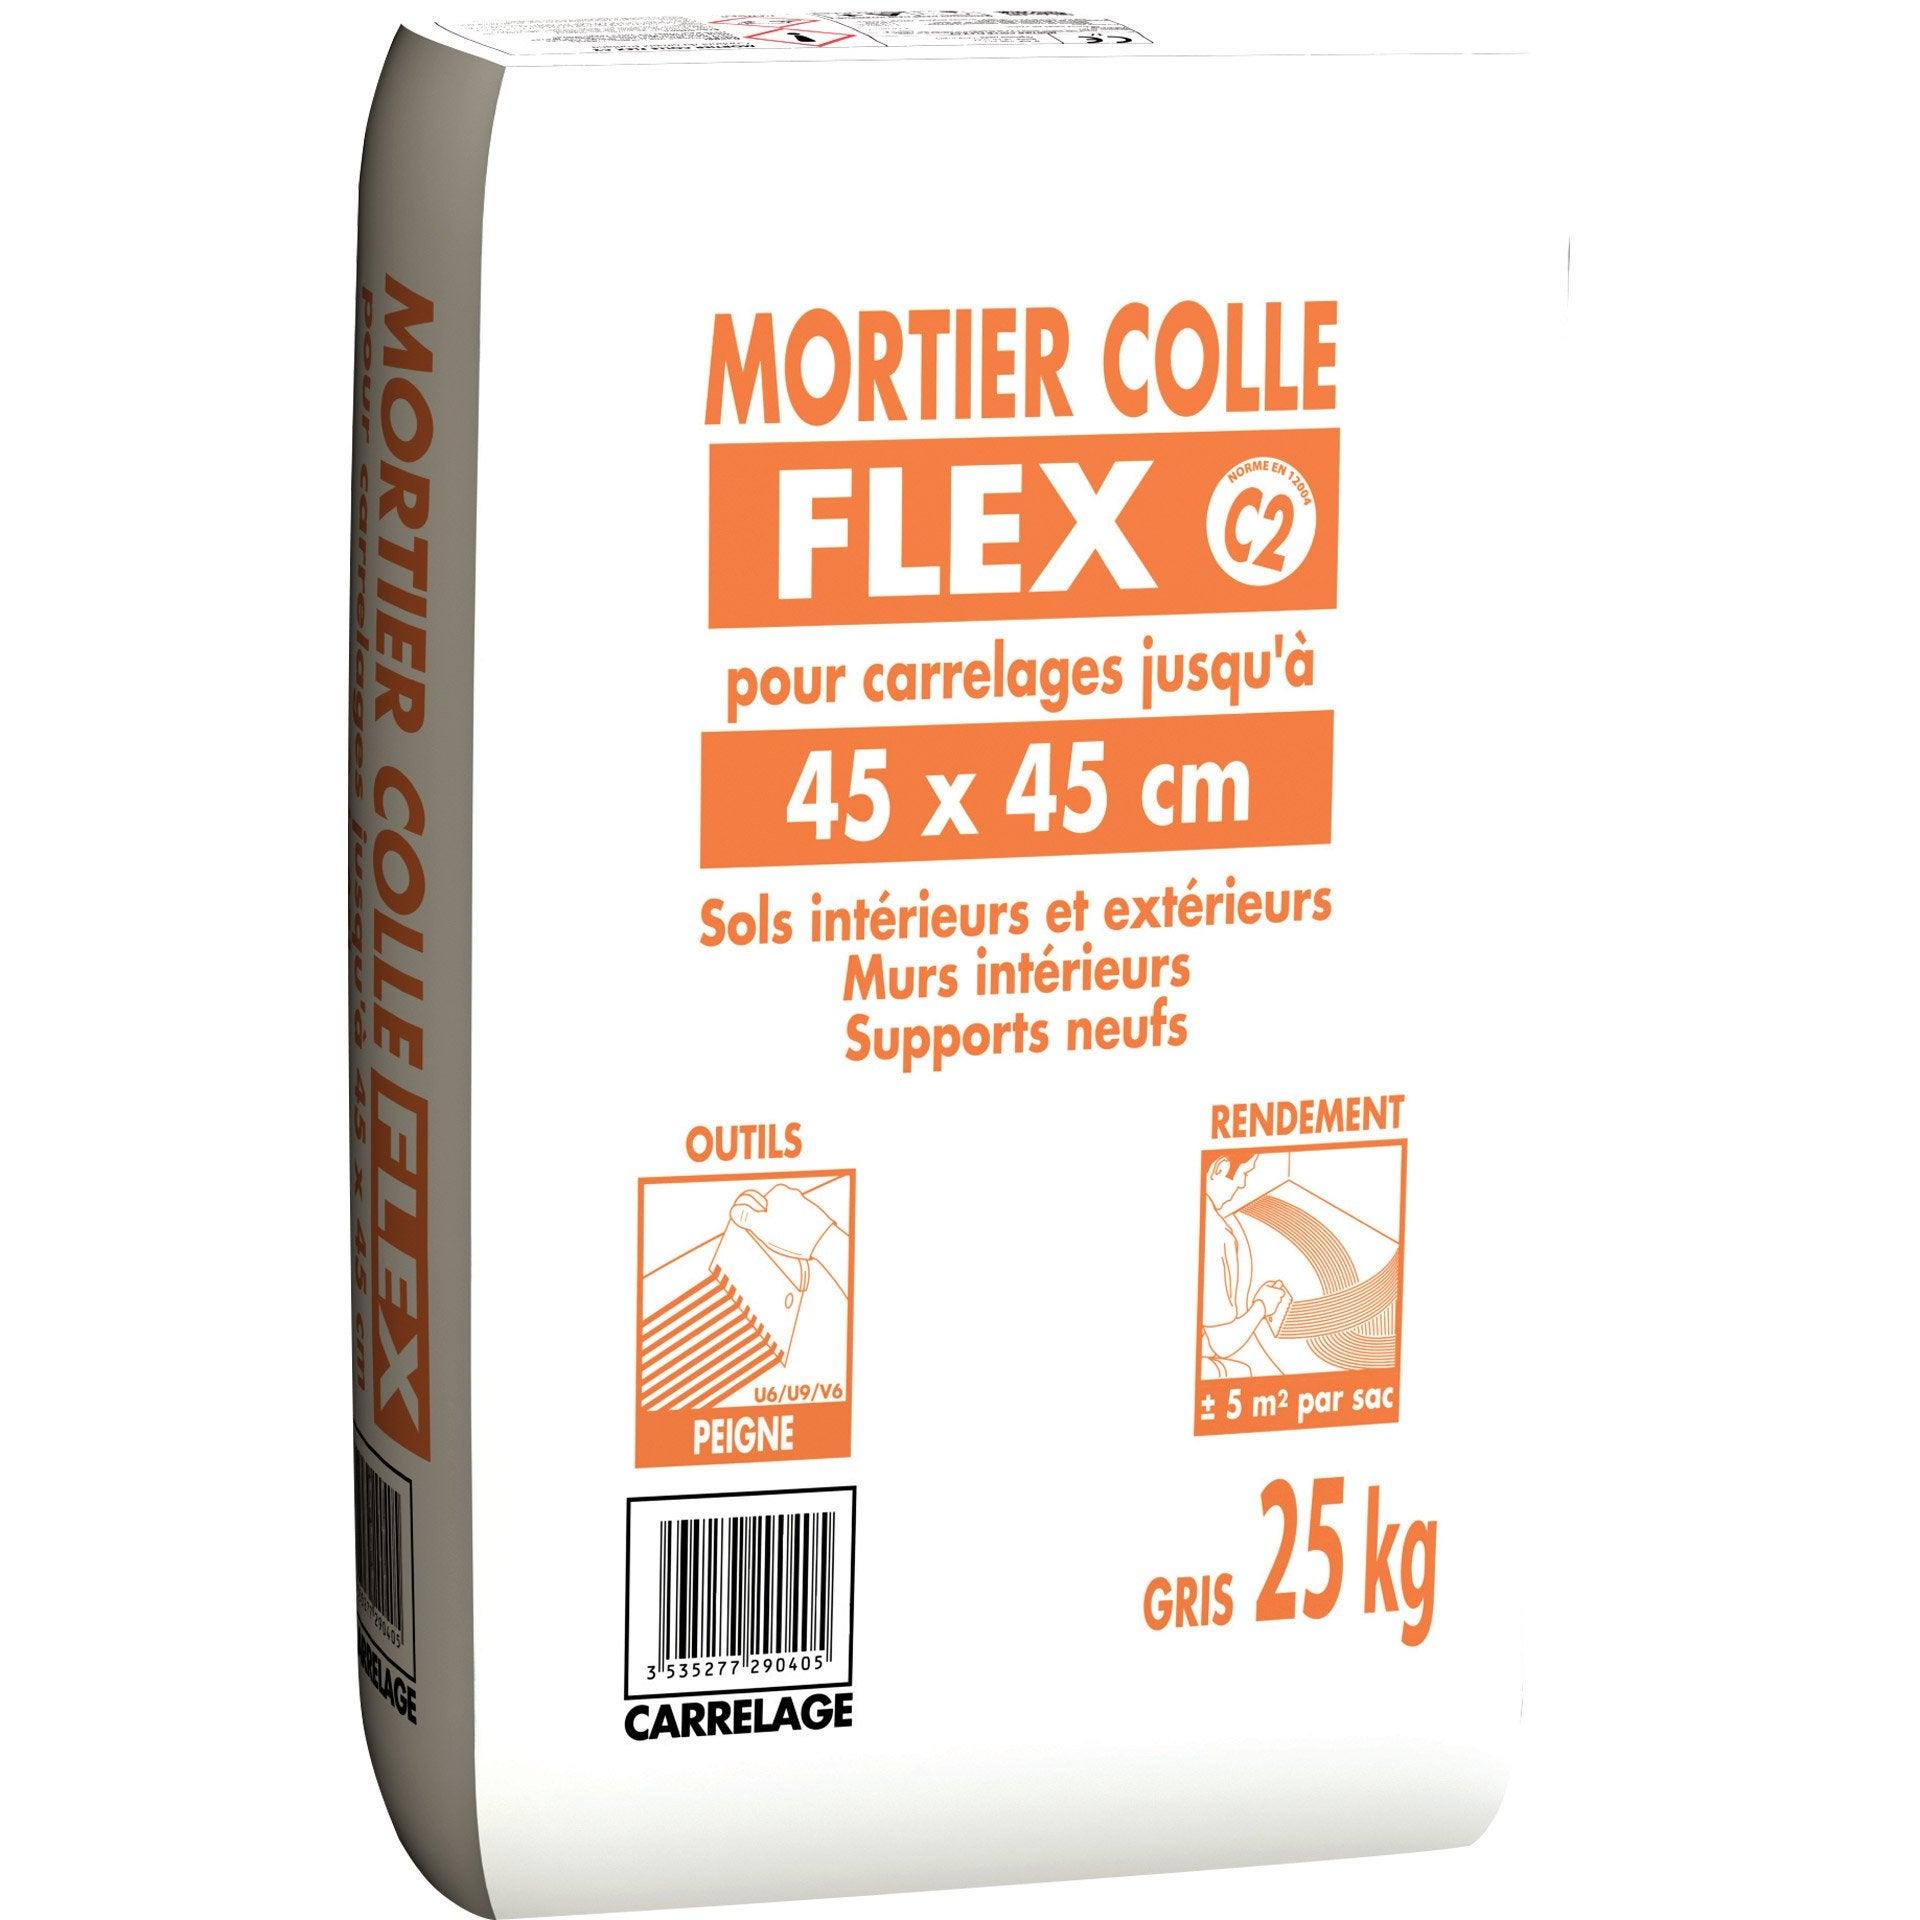 Charmant Mortier Colle Carrelage Mur Et Sol, ...